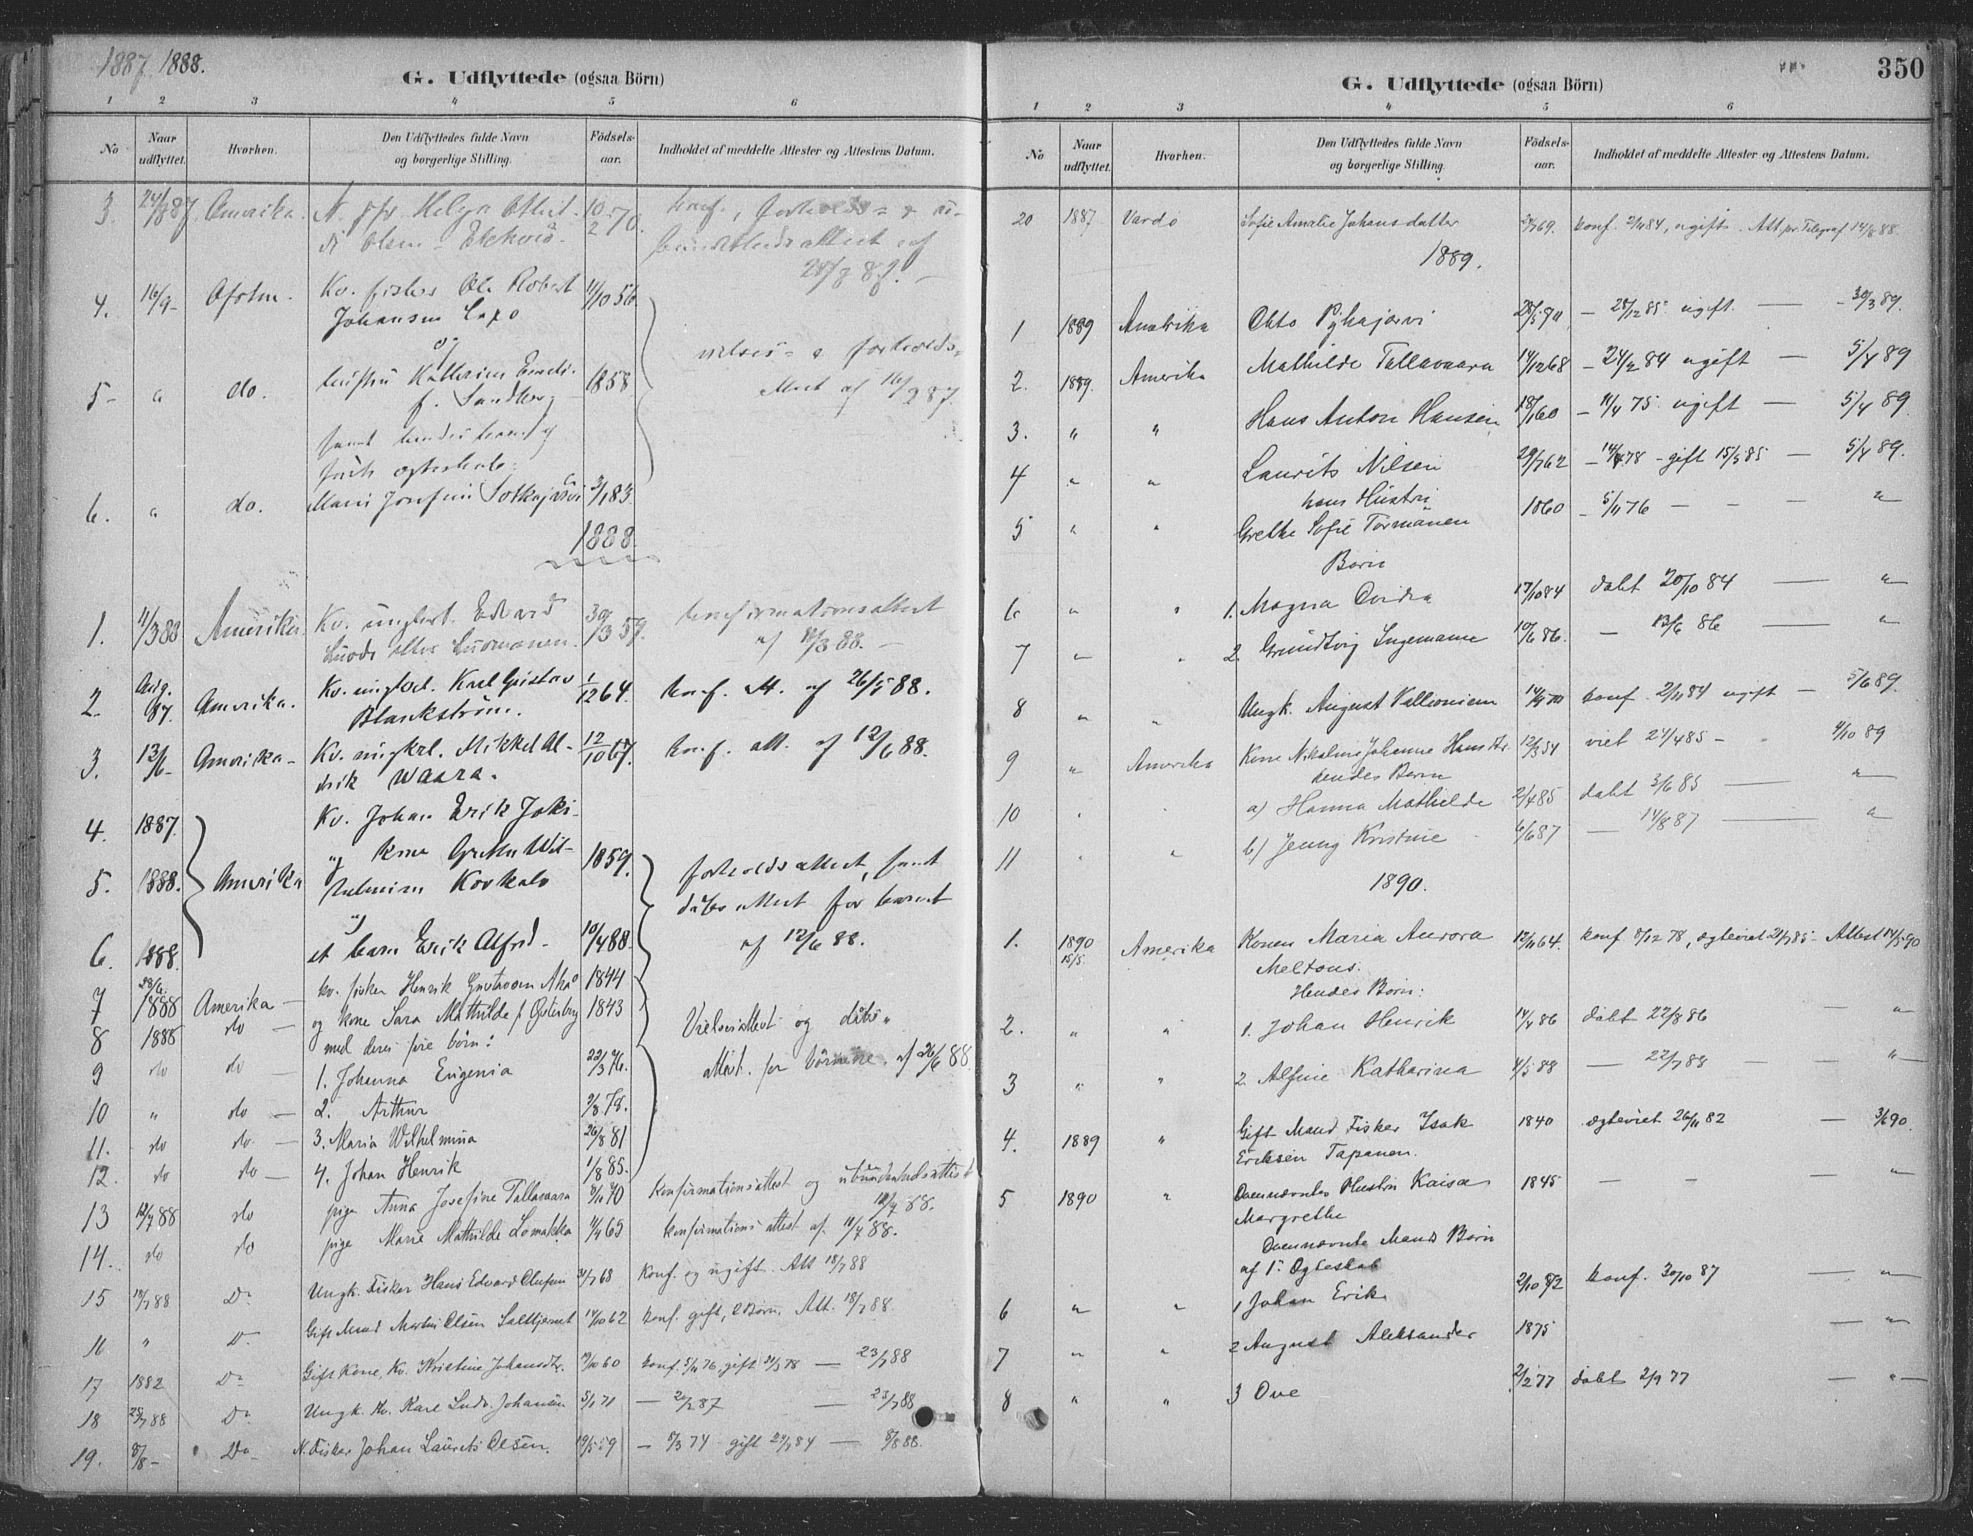 SATØ, Vadsø sokneprestkontor, H/Ha/L0009kirke: Ministerialbok nr. 9, 1881-1917, s. 350